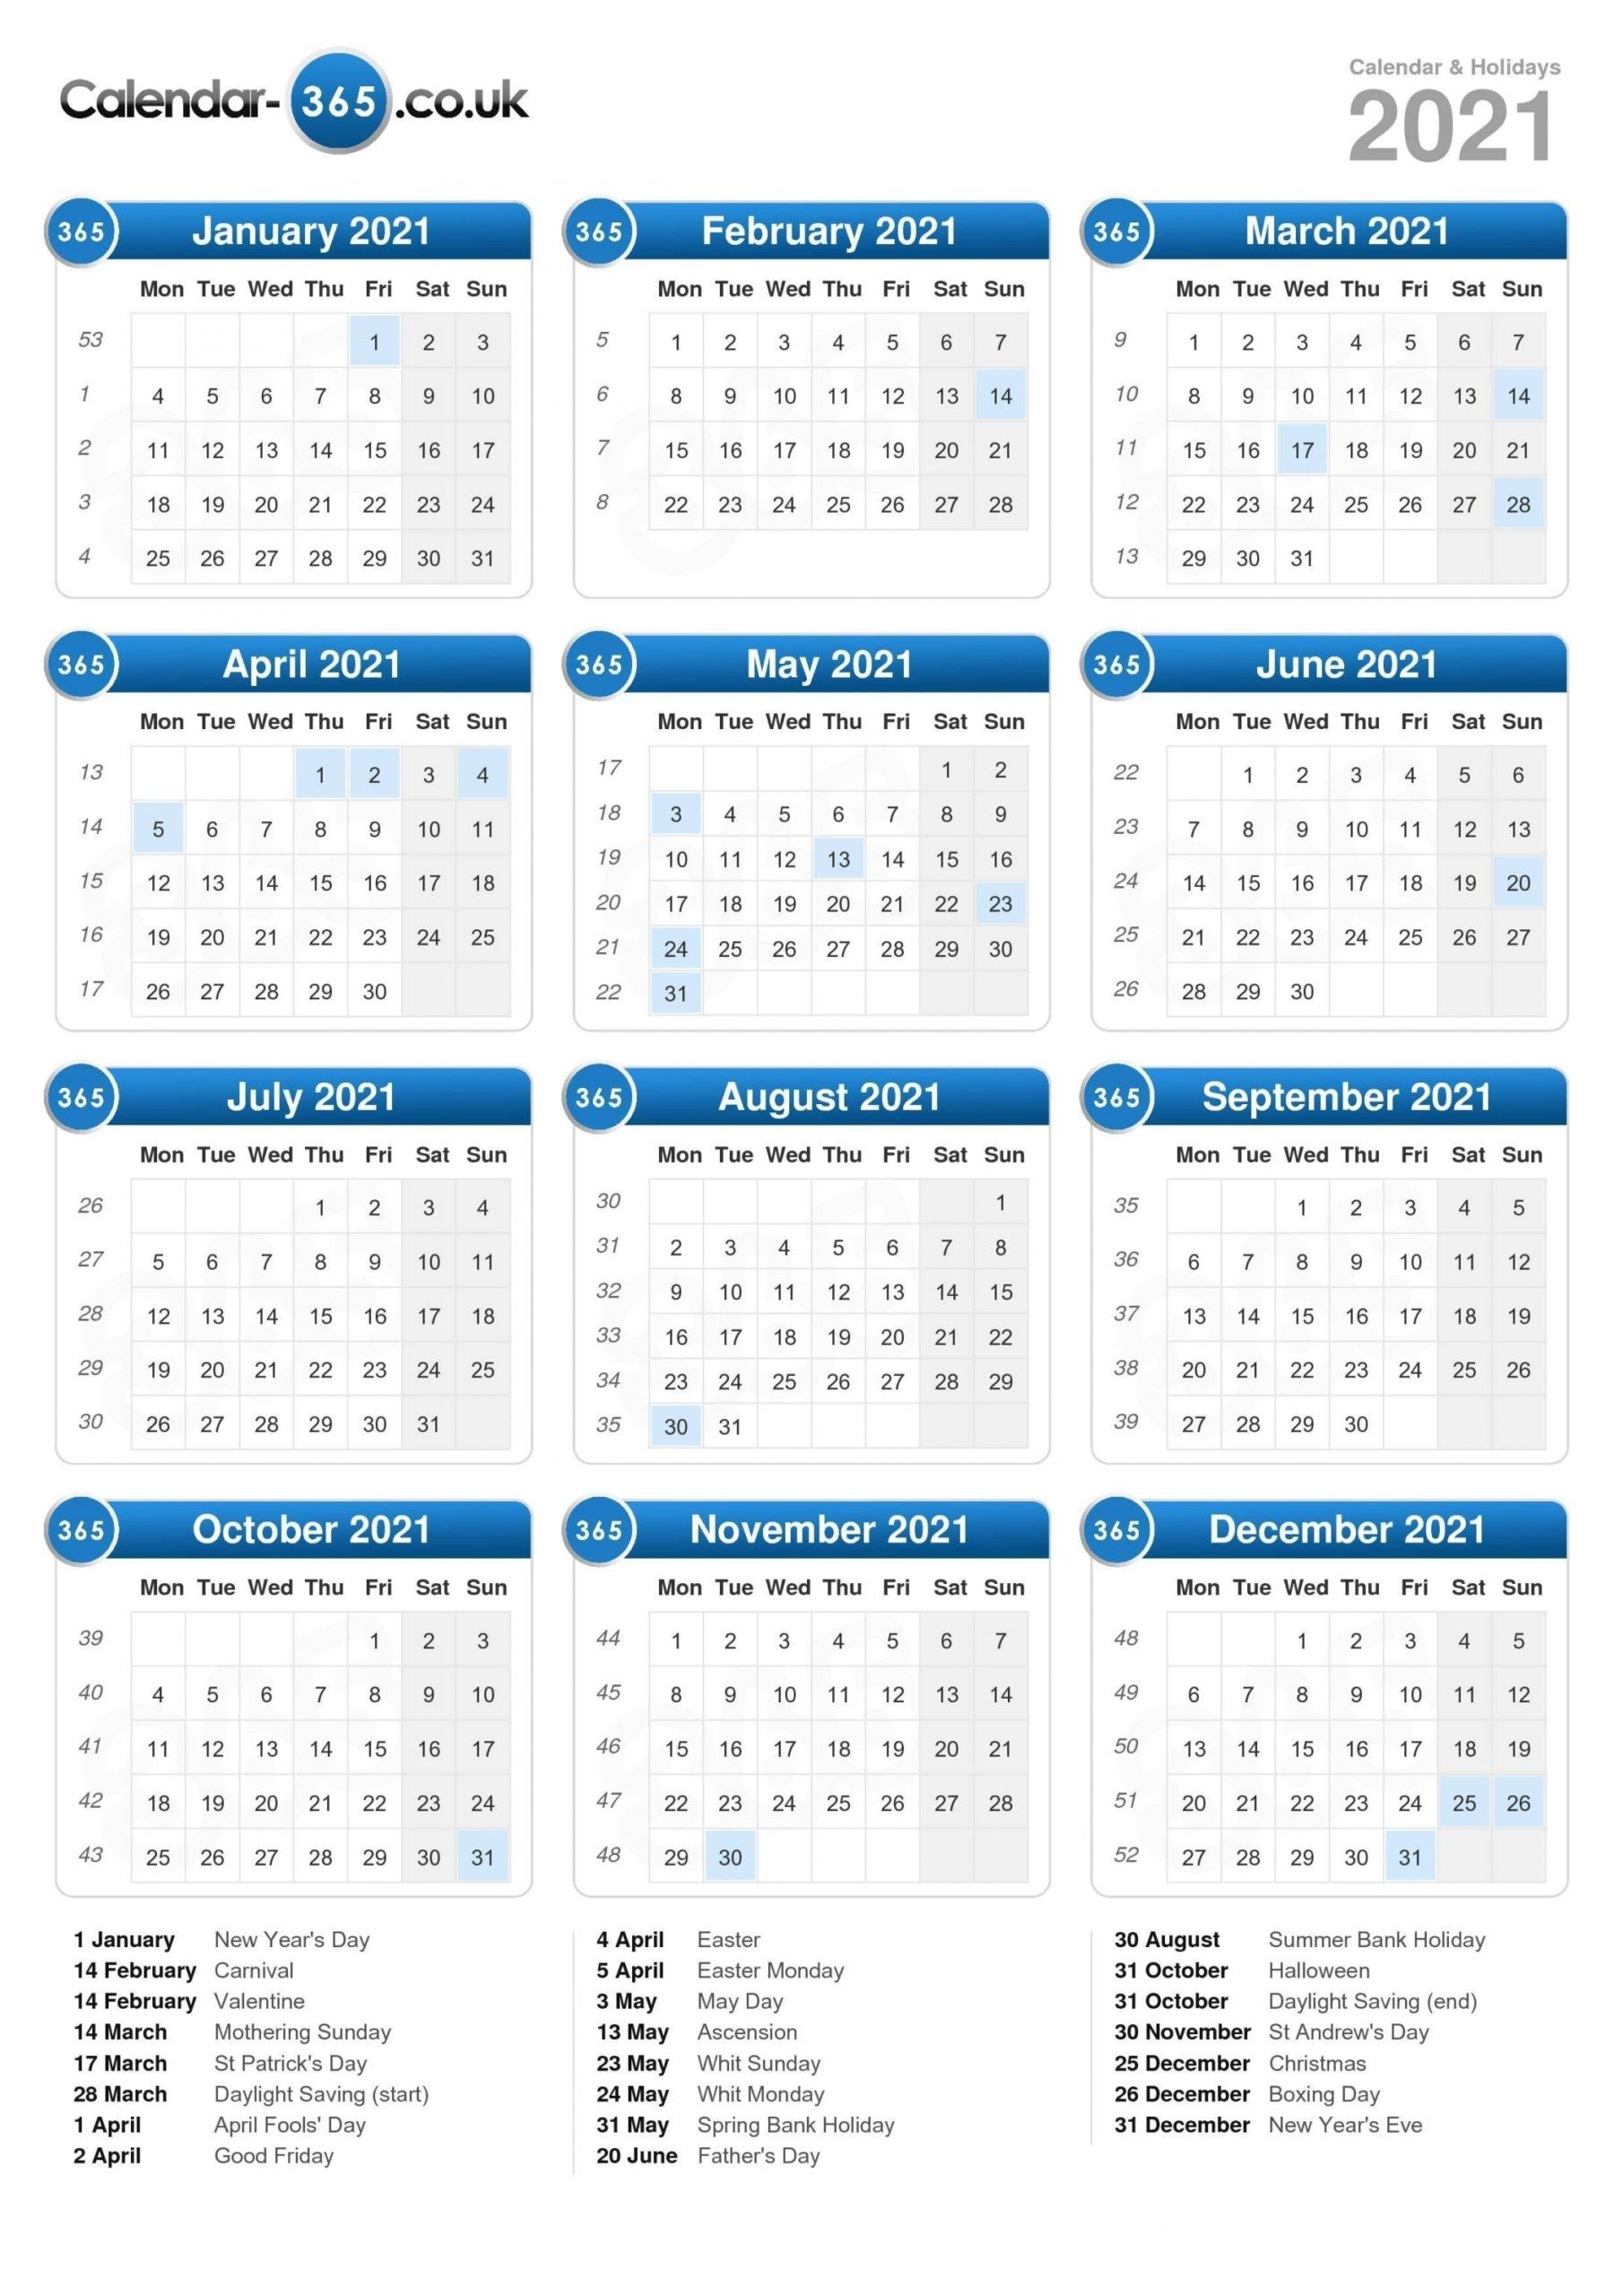 printable 2021 calendar uk::Calendar 2021 UK With Bank Holidays